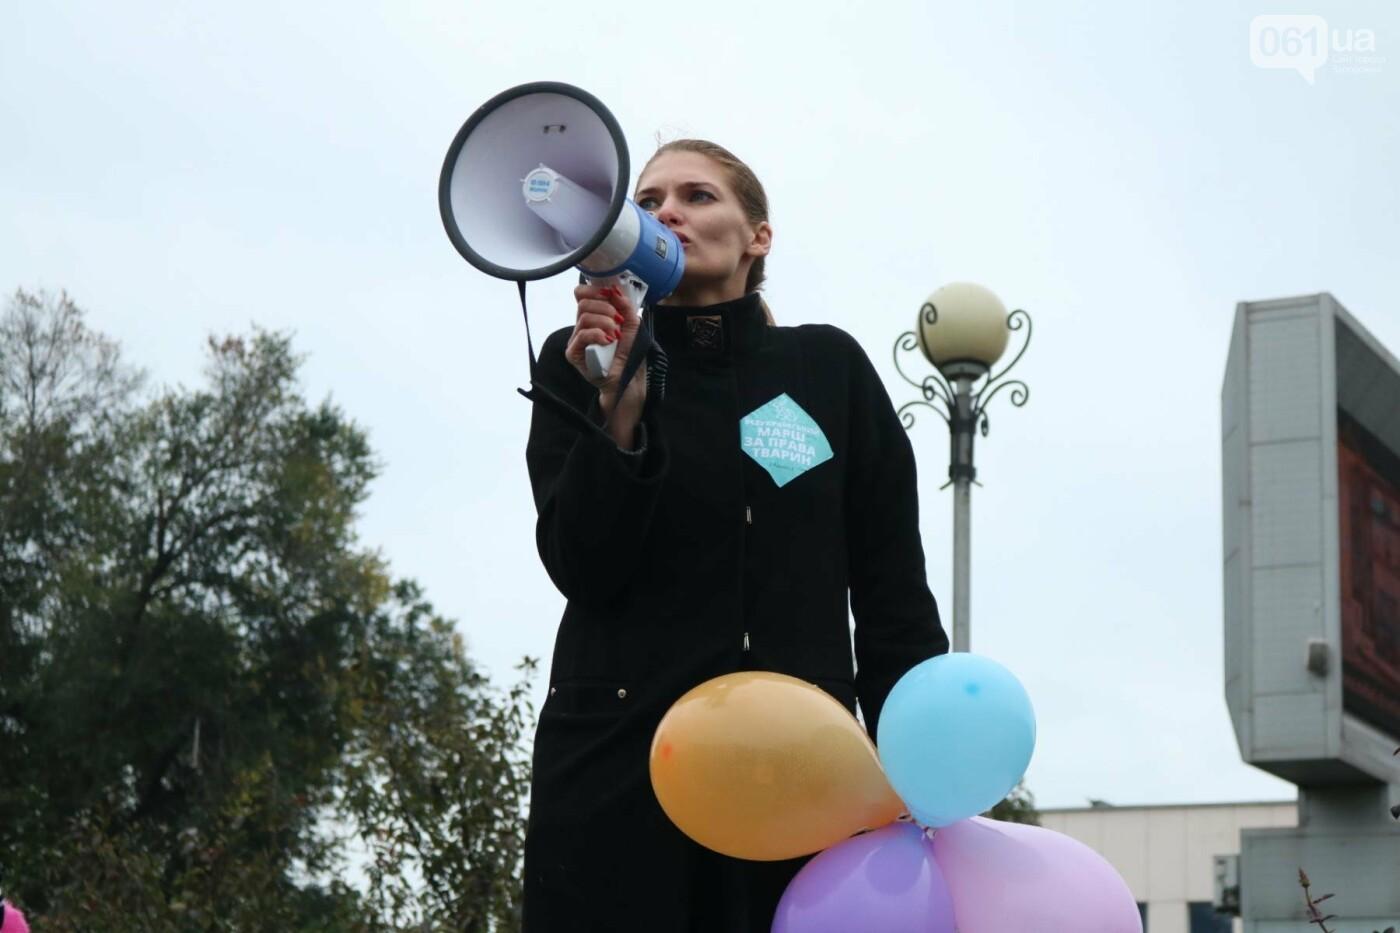 В Запорожье прошел марш за права животных, - ФОТОРЕПОРТАЖ, фото-2